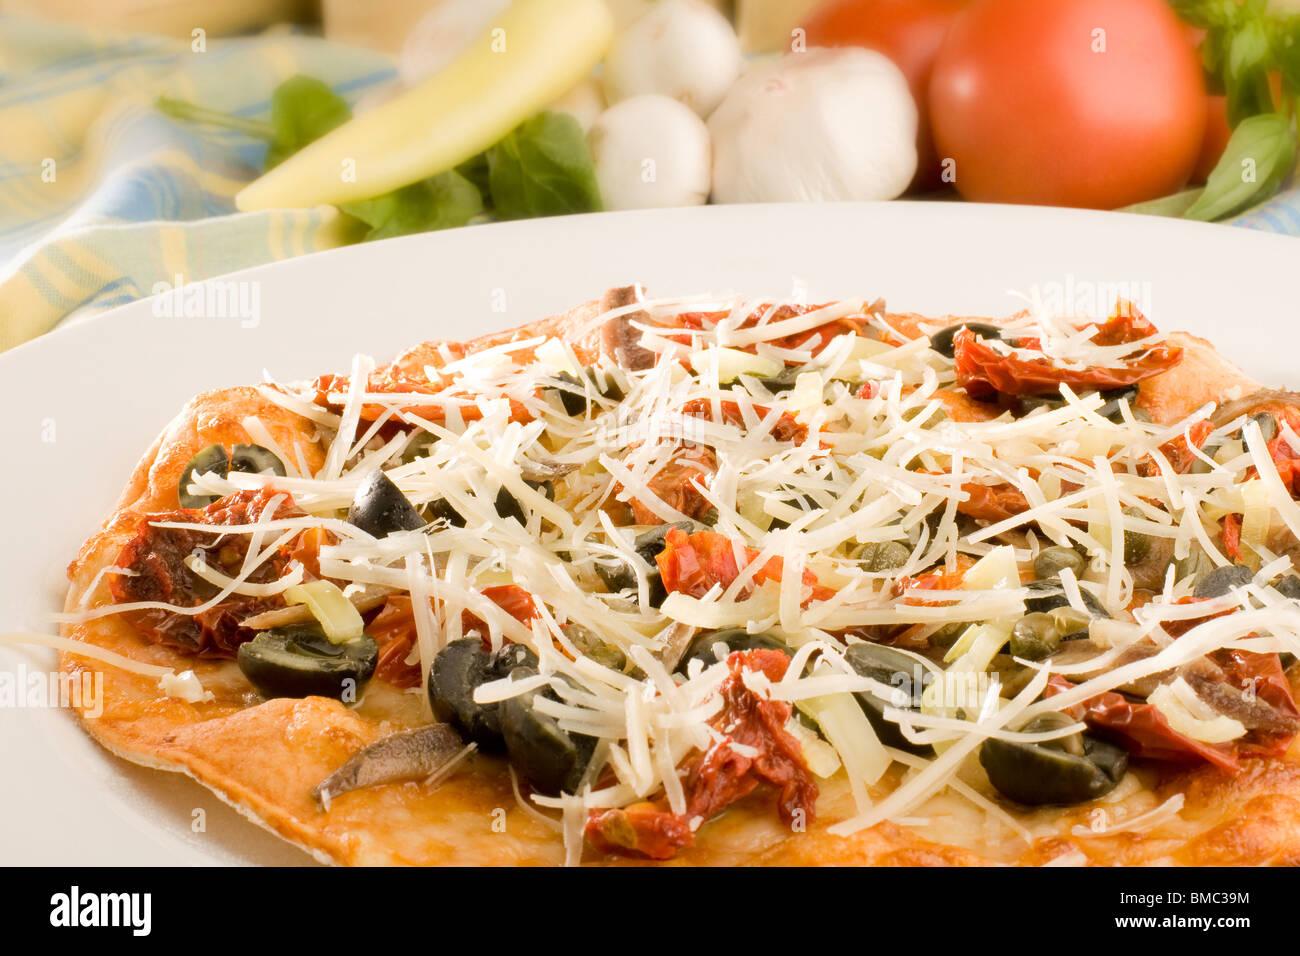 Pizza con aceitunas y queso parmesano. Imagen De Stock